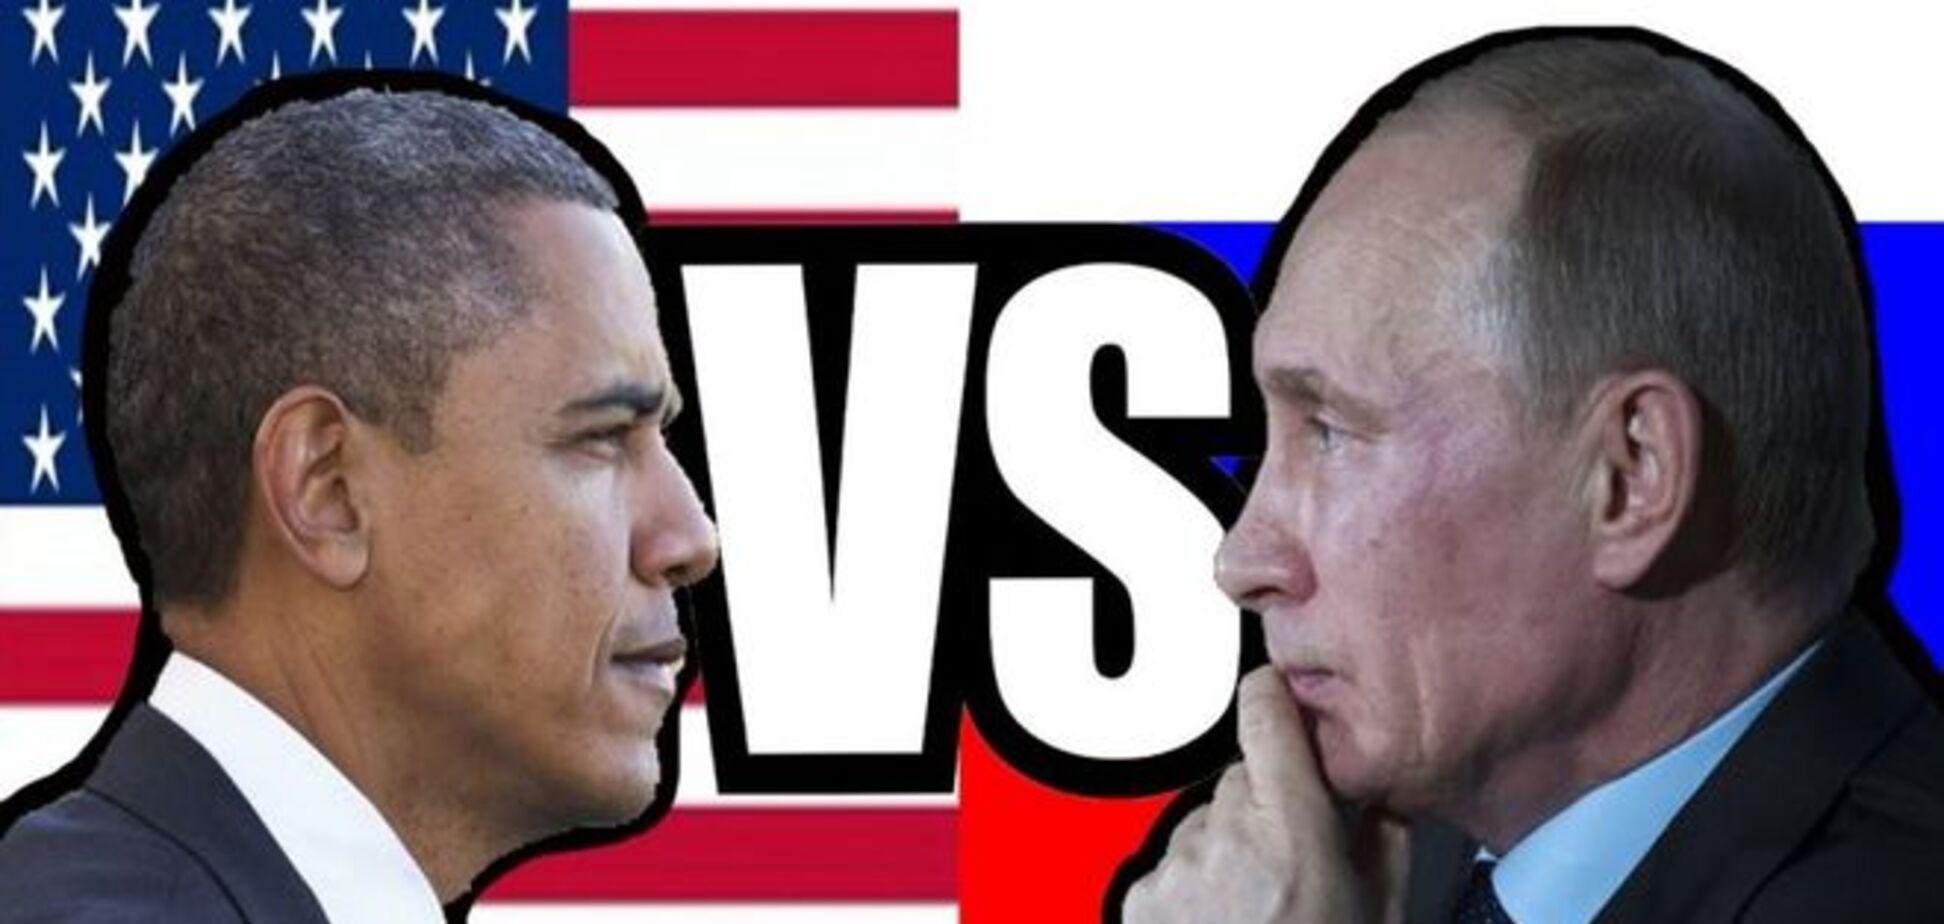 Путин против Обамы: чья летняя резиденция круче?